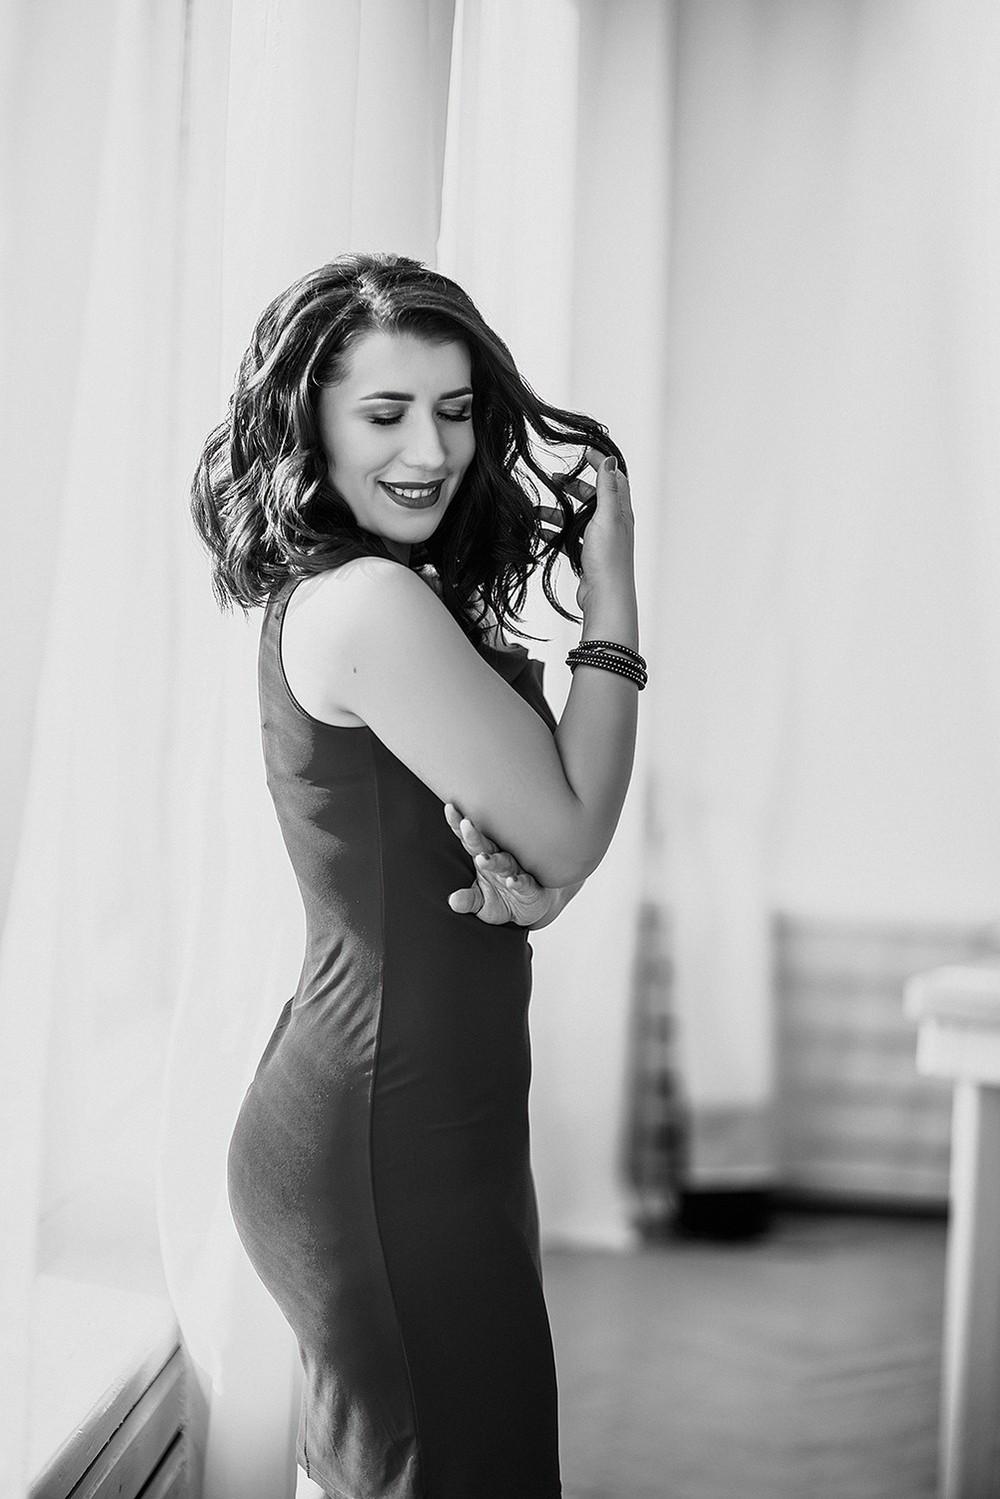 Женские портреты - Зоя - проект